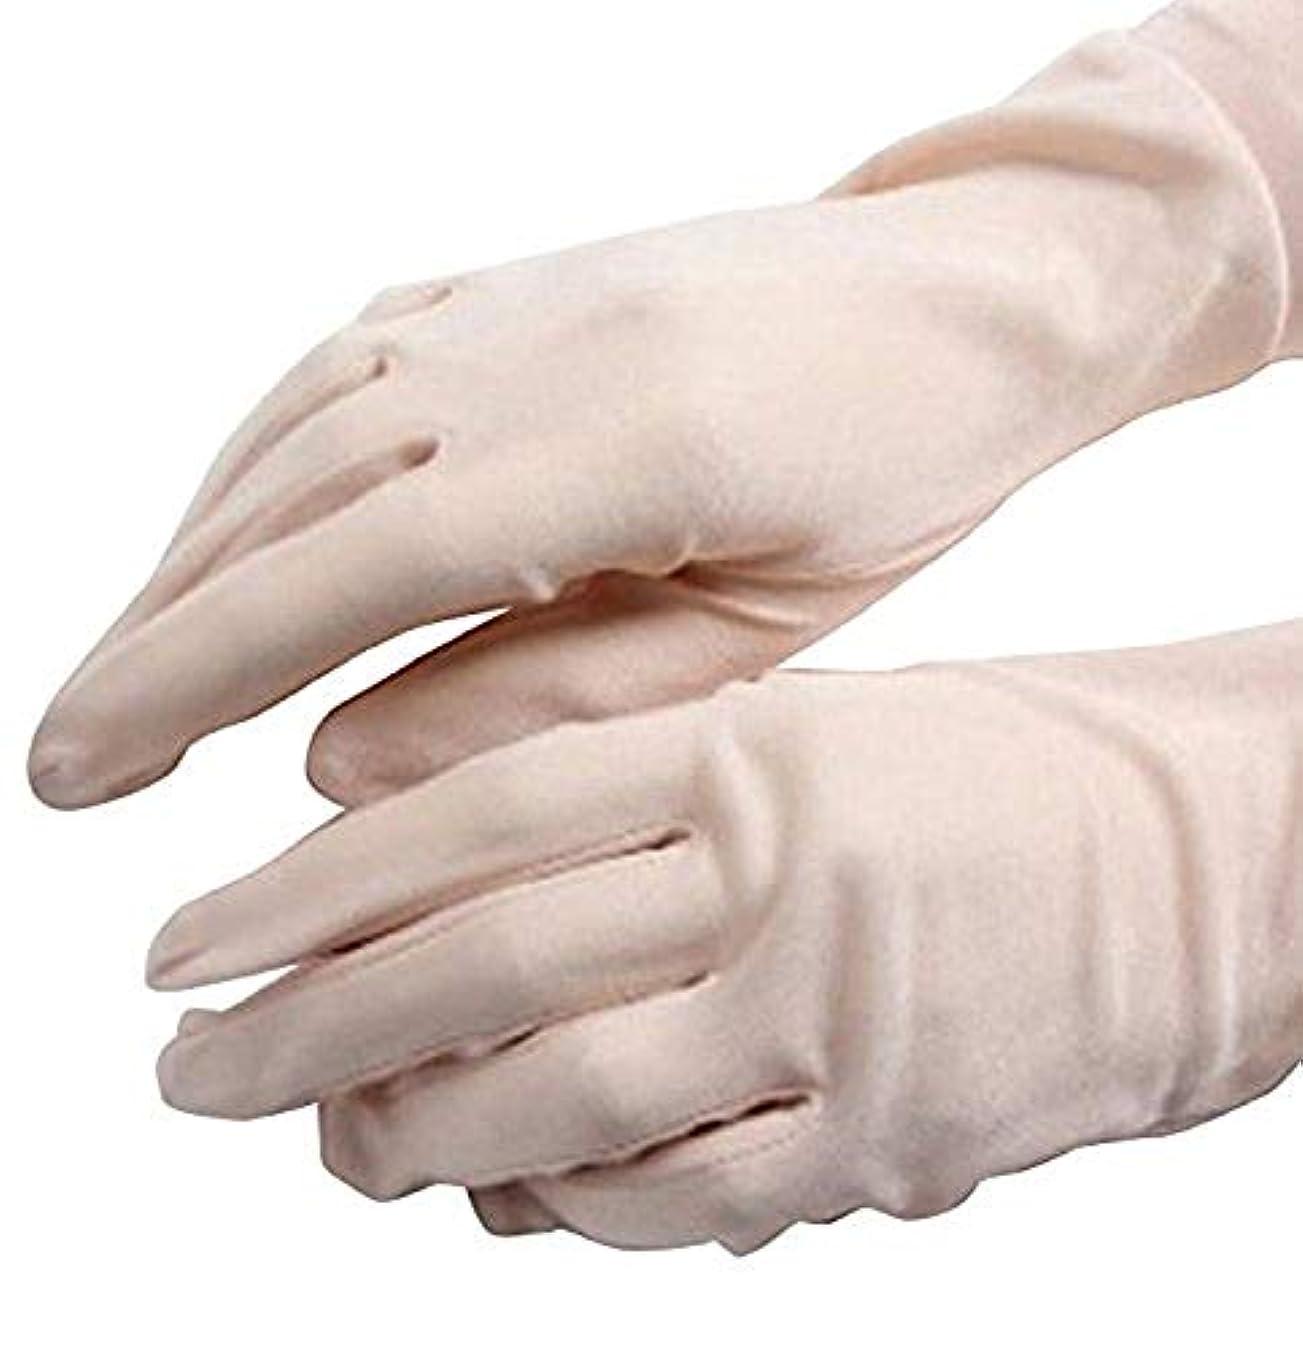 ダイジェスト損傷ツールCREPUSCOLO 手荒れ対策! シルク手袋 おやすみ 手袋 保湿ケア UVカット ハンドケア シルク100% 全7色 (ライトピンク)